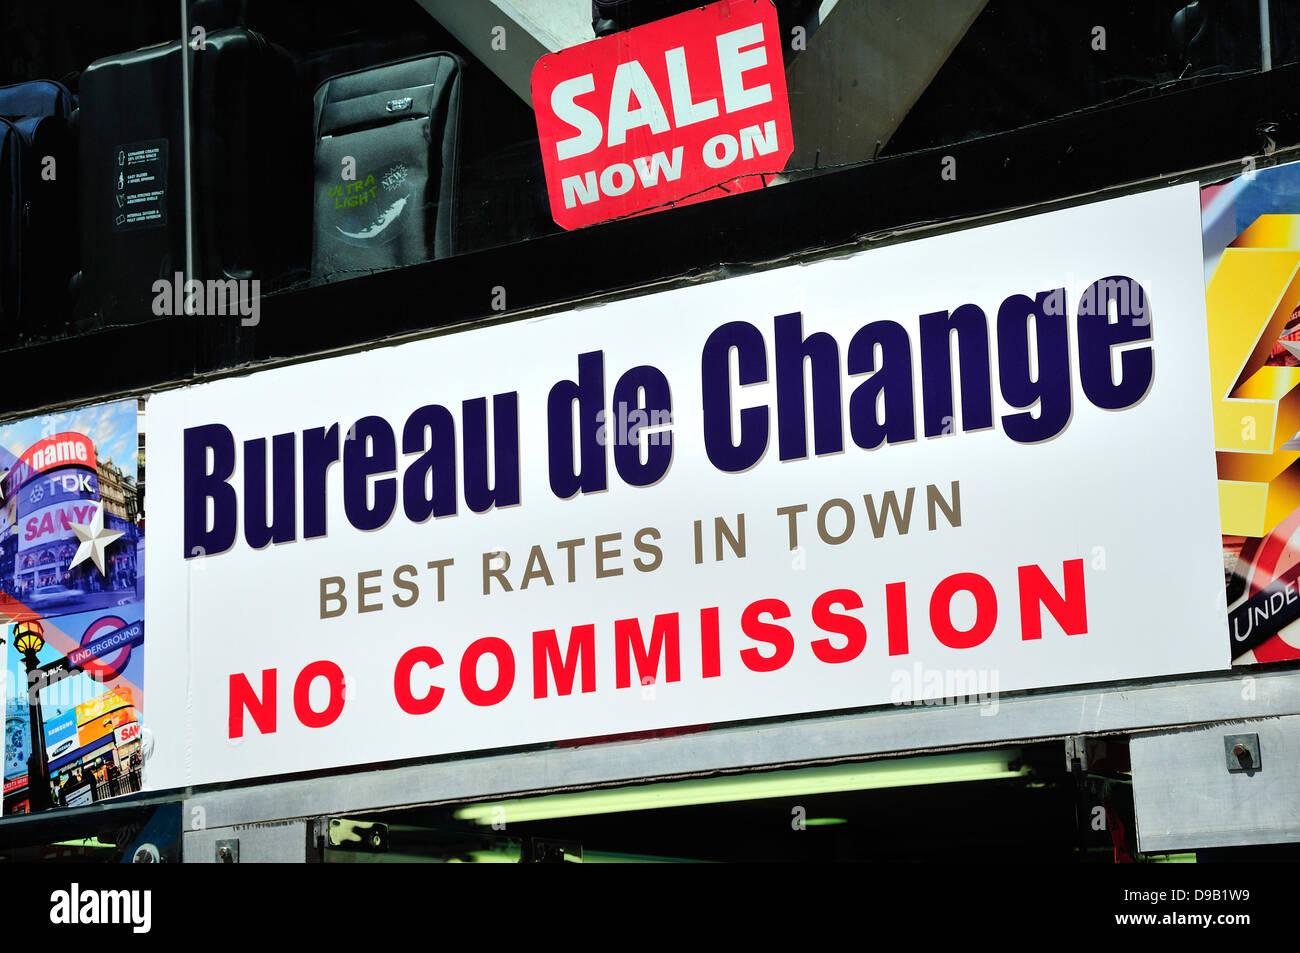 Bureau de change no commission stockfotos bureau de change no